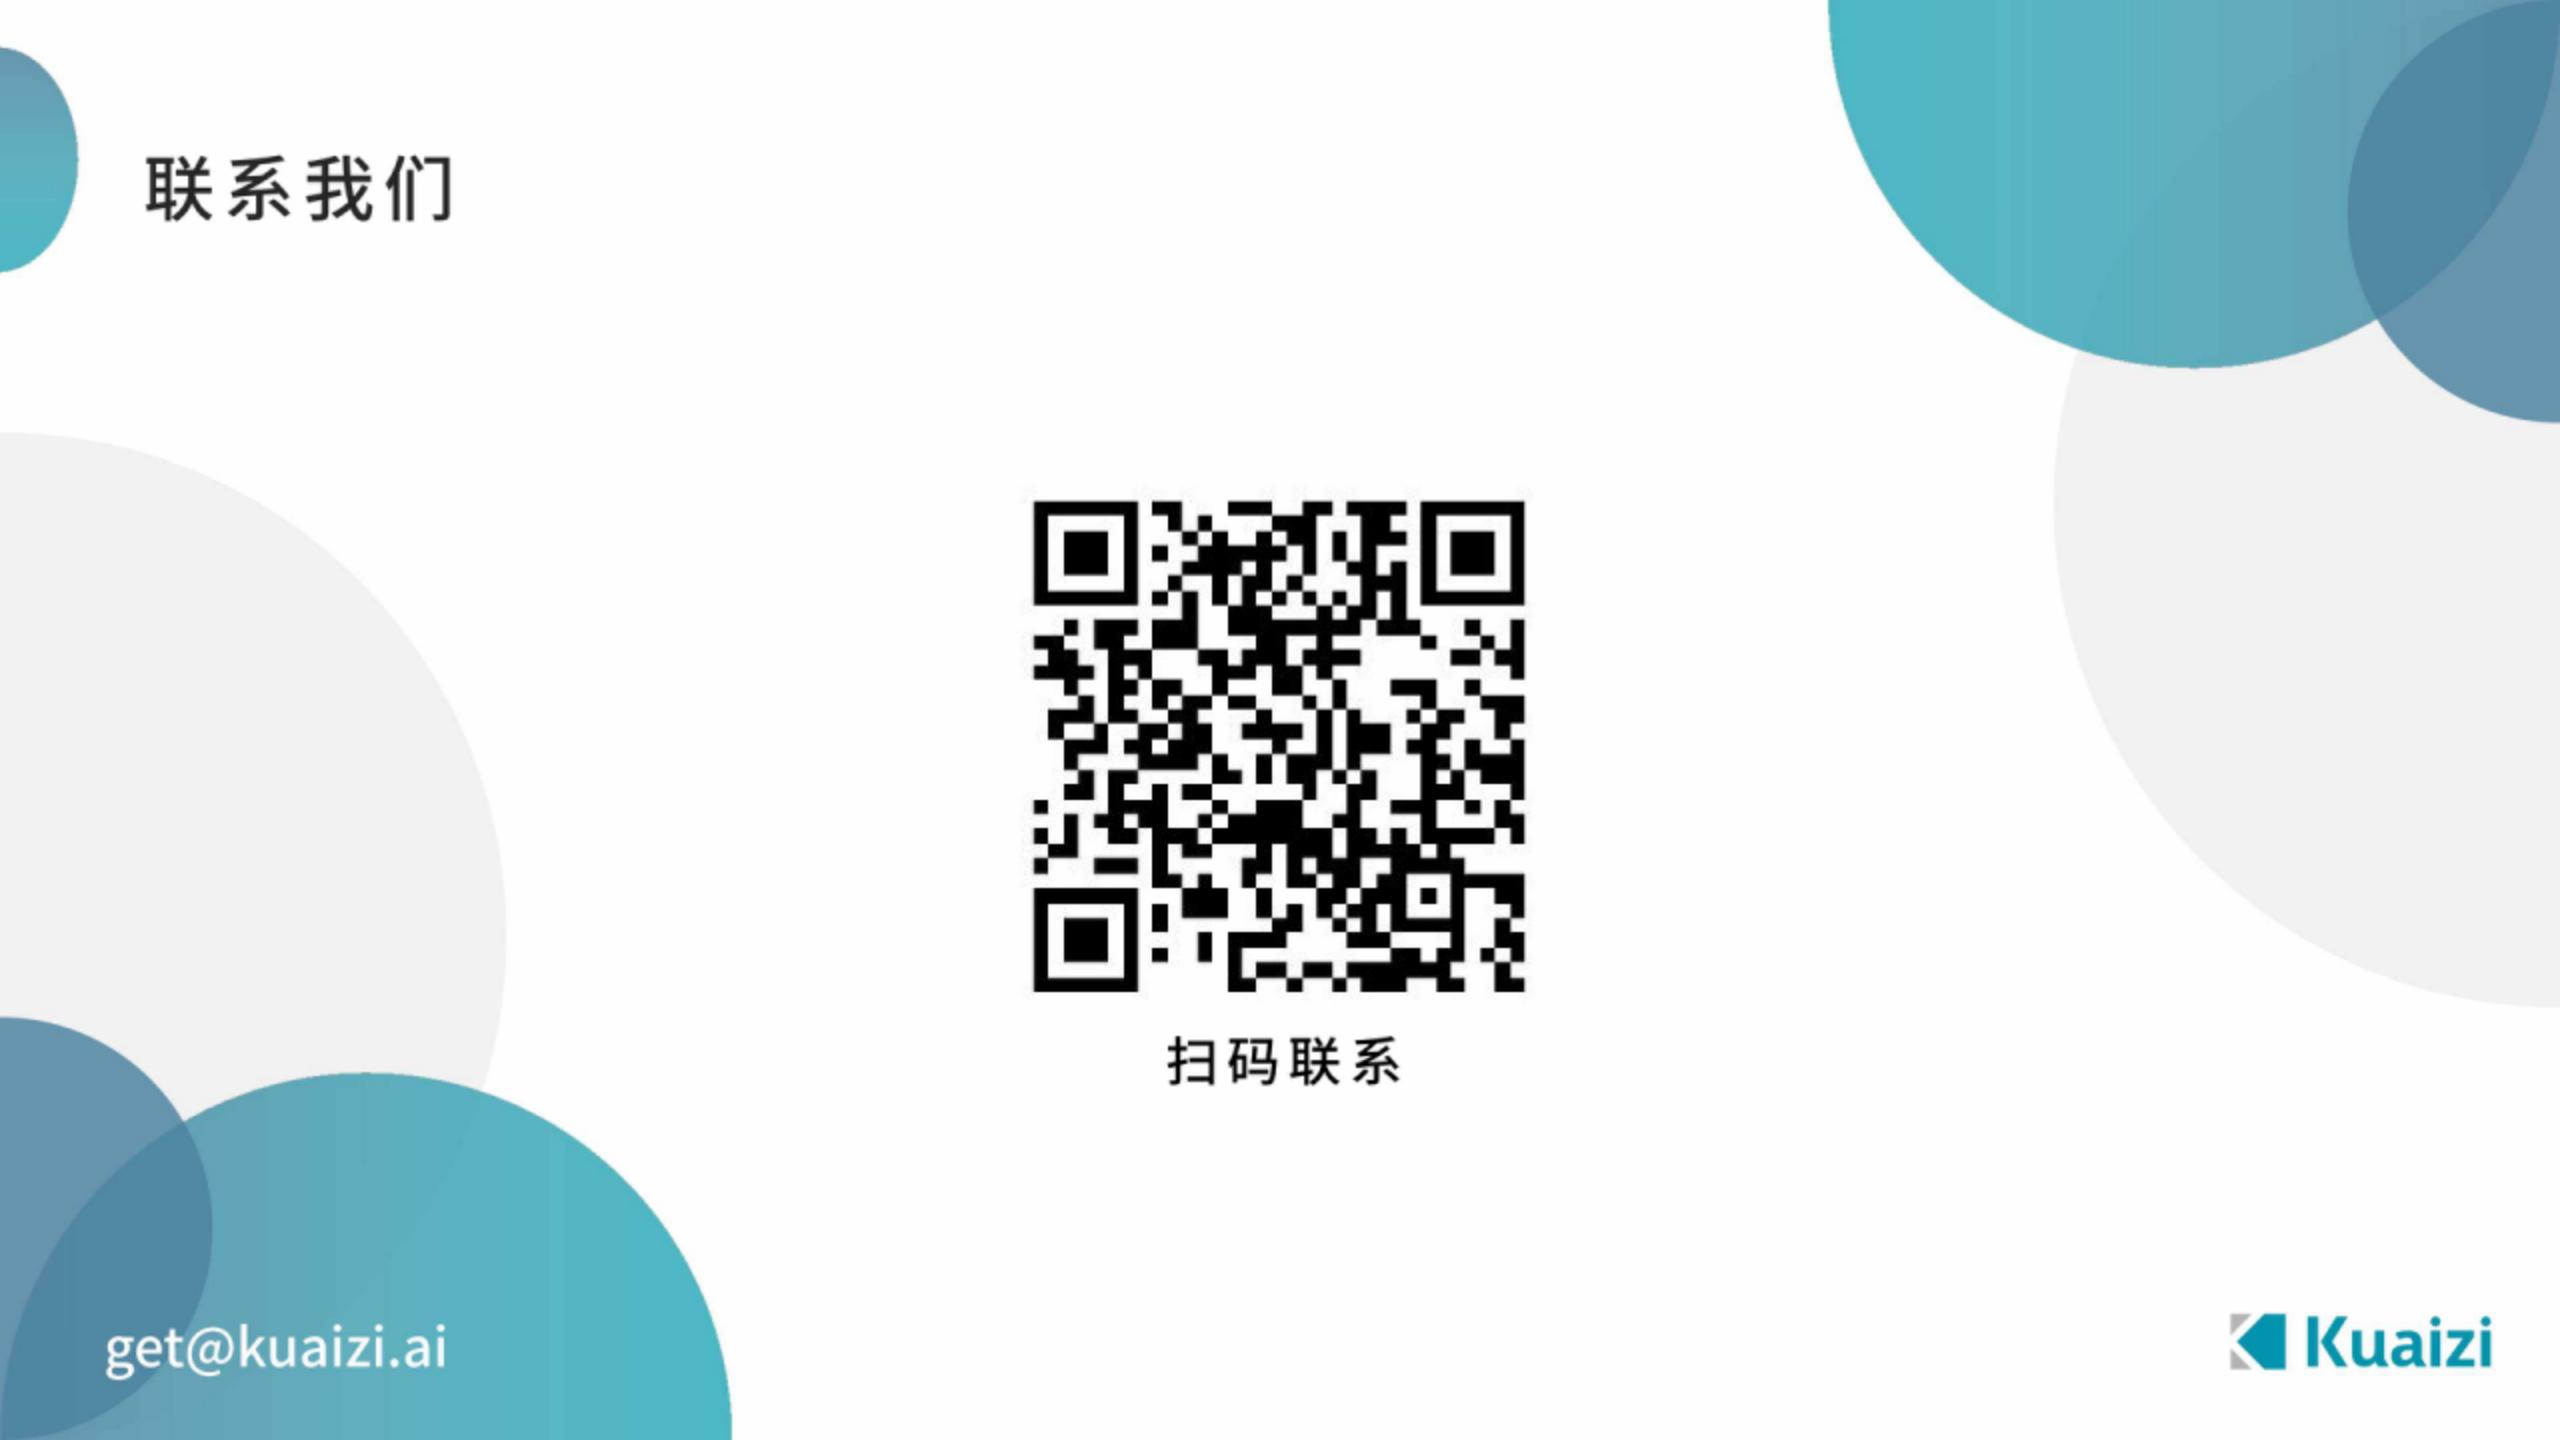 筷子SaaS简介-创意内容代理商V1.2_15.png